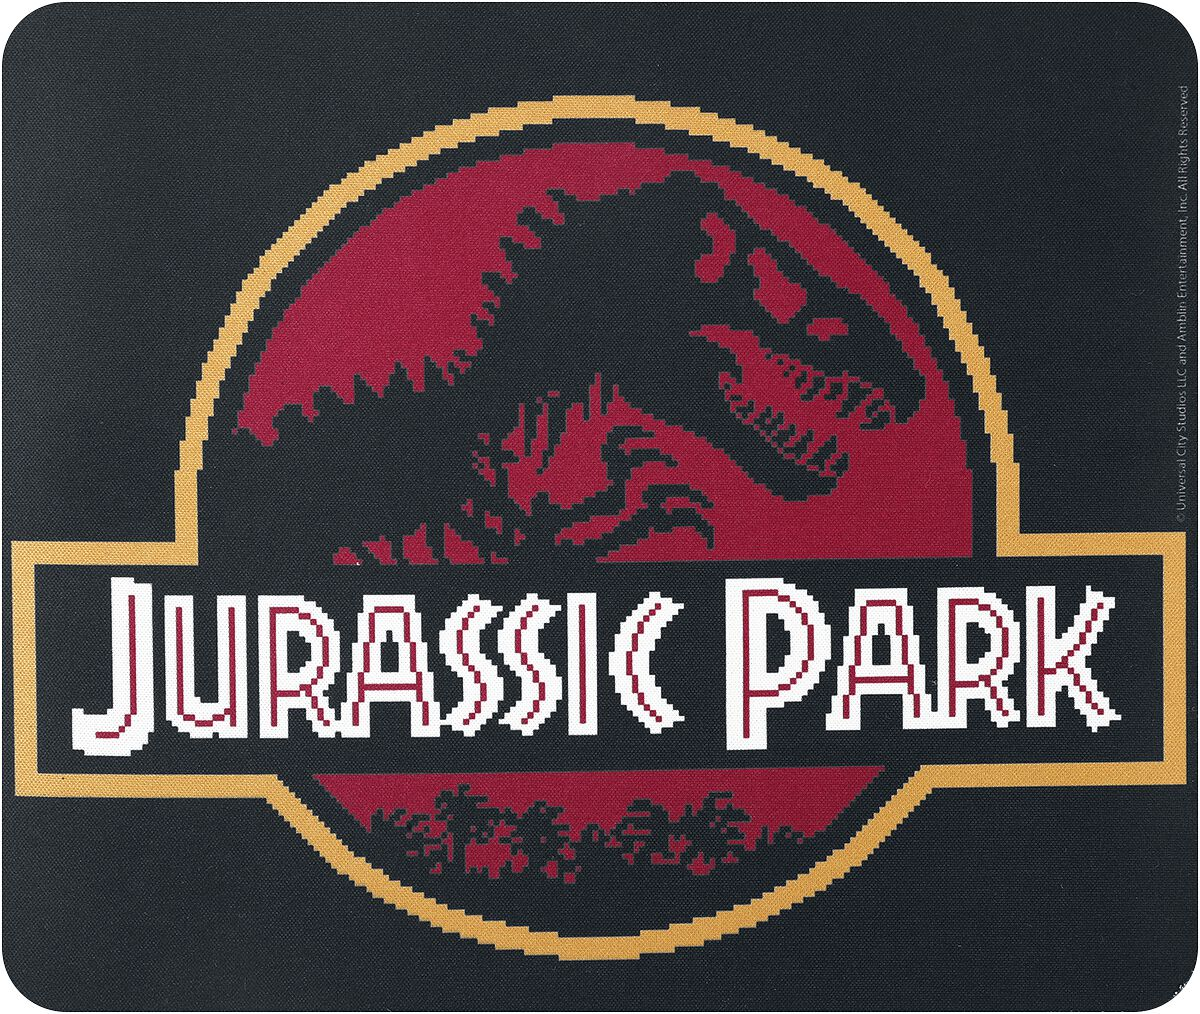 Jurassic Park Pixel Logo  Mouse-Pad  multicolor